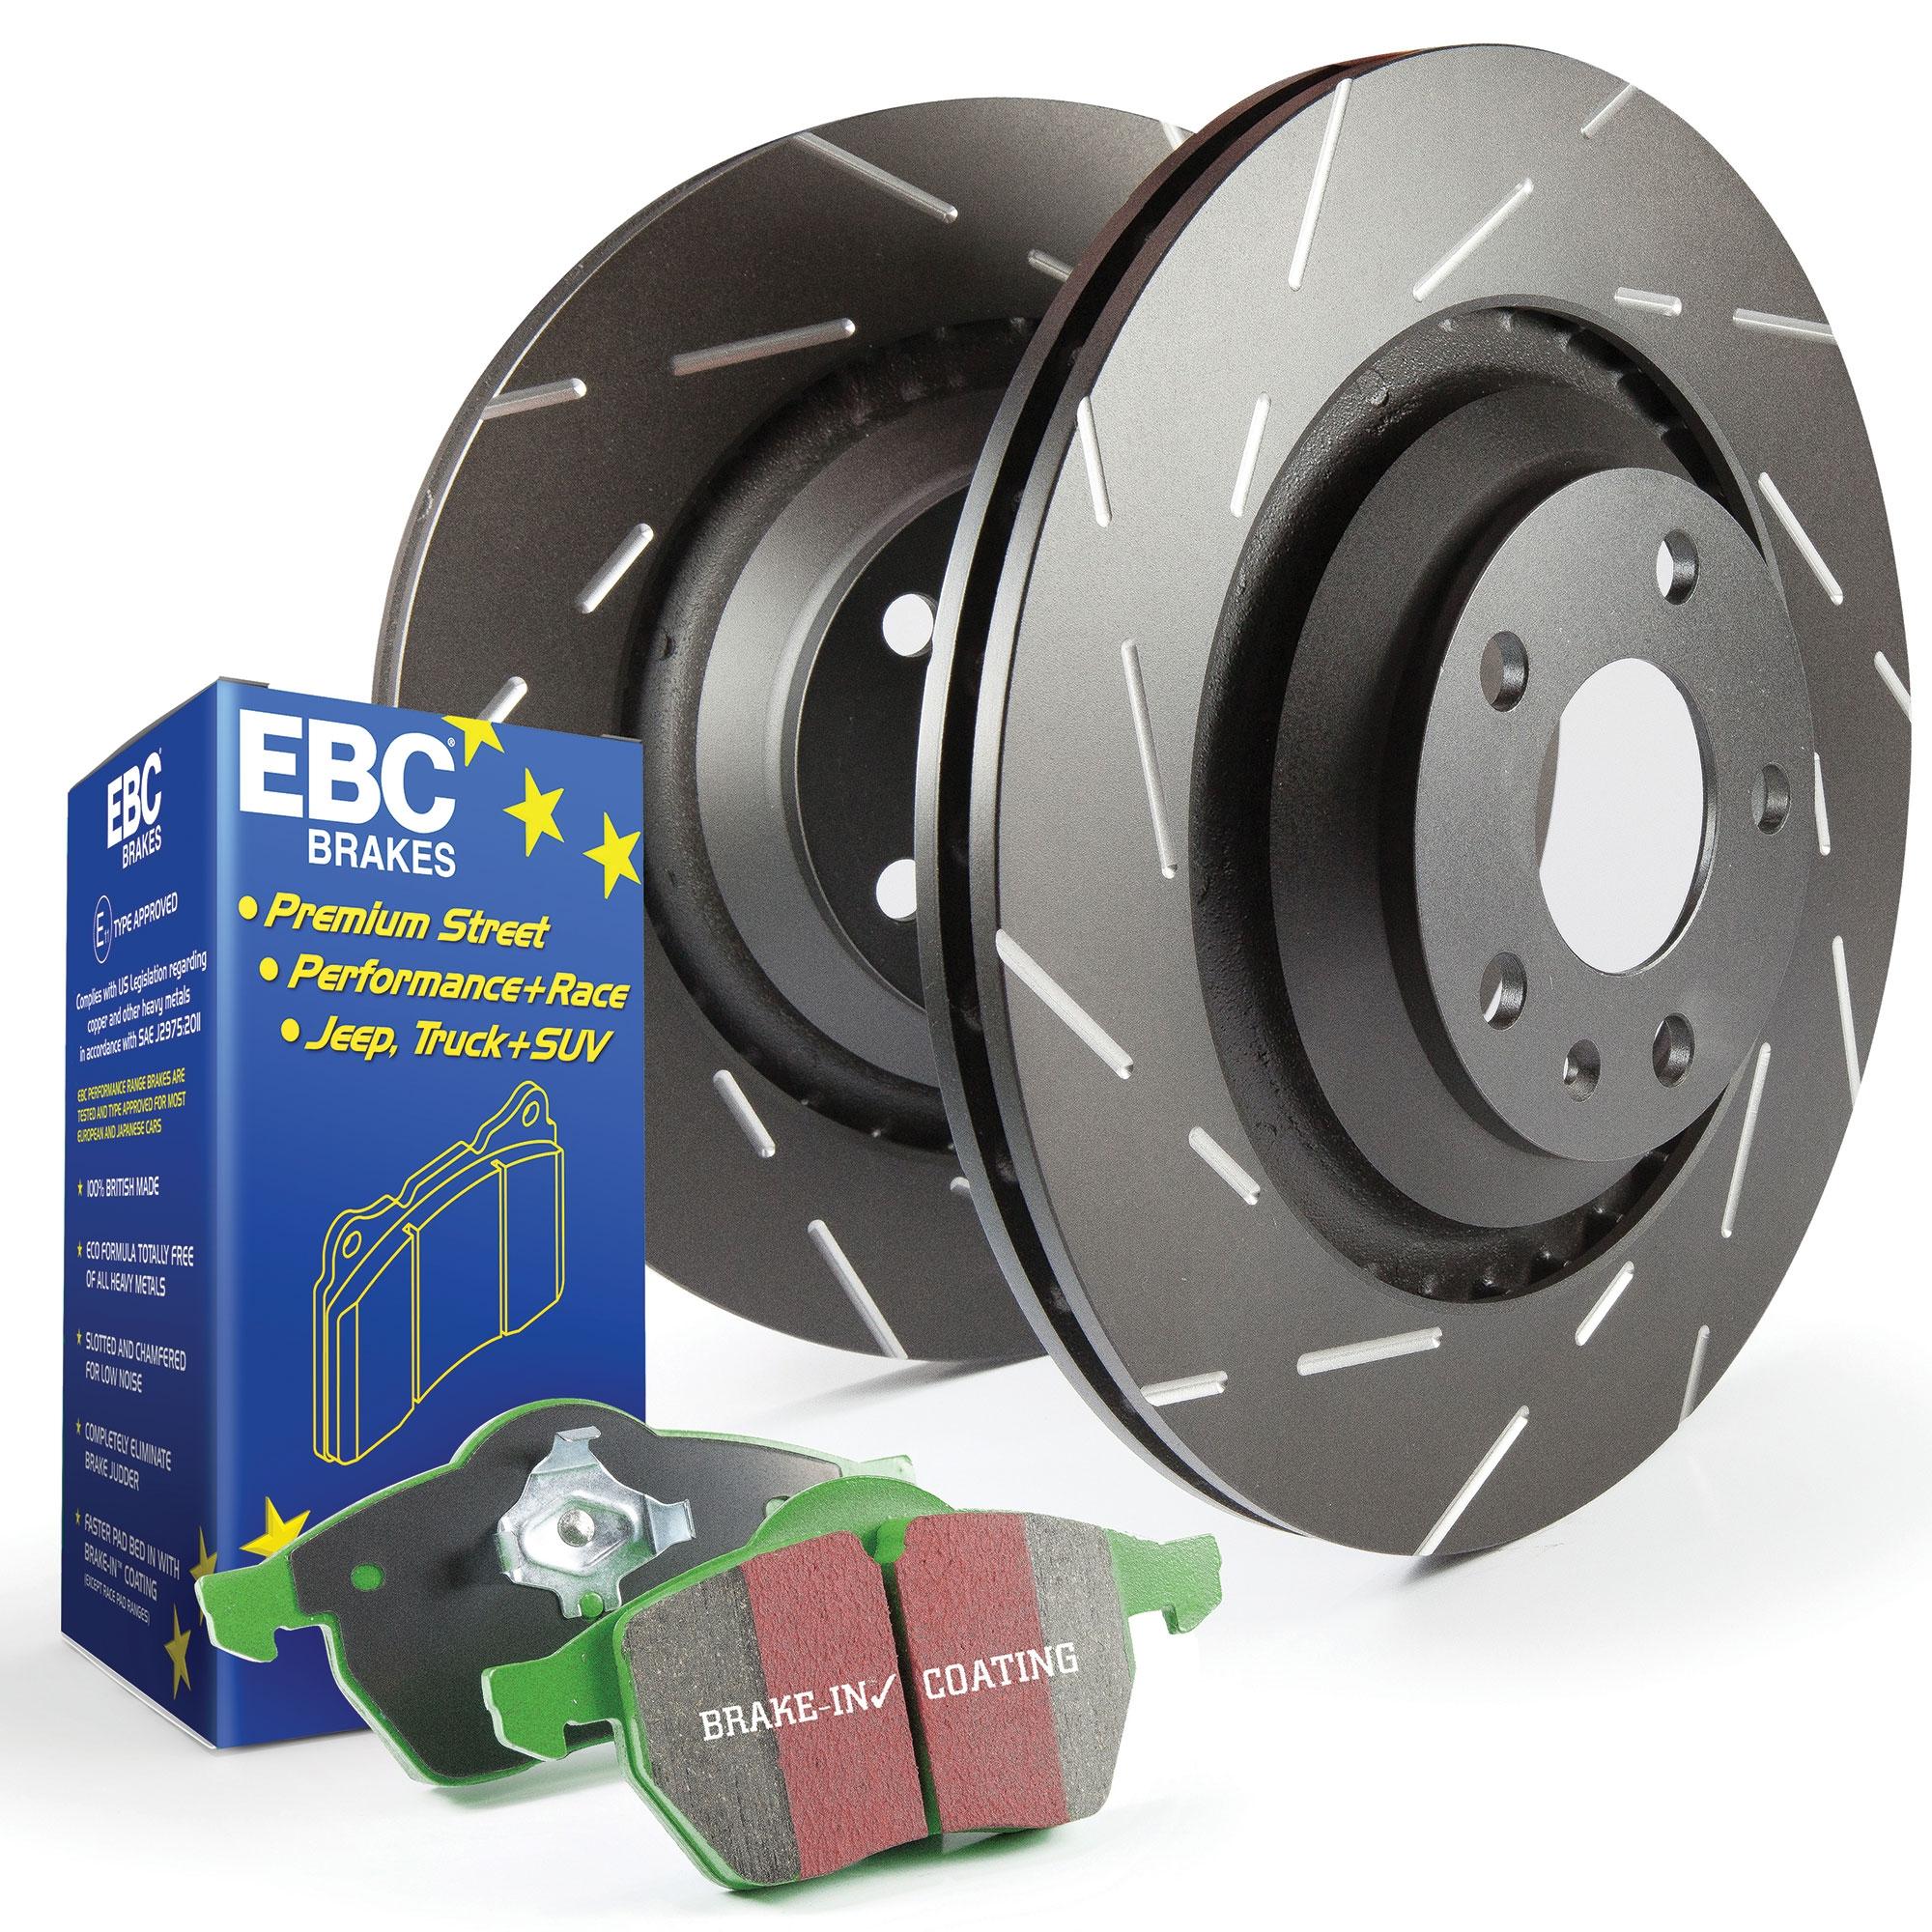 EBC Delantero USR Ranurado Discos De Freno Y Almohadillas Greenstuff Kit-PD06KF302